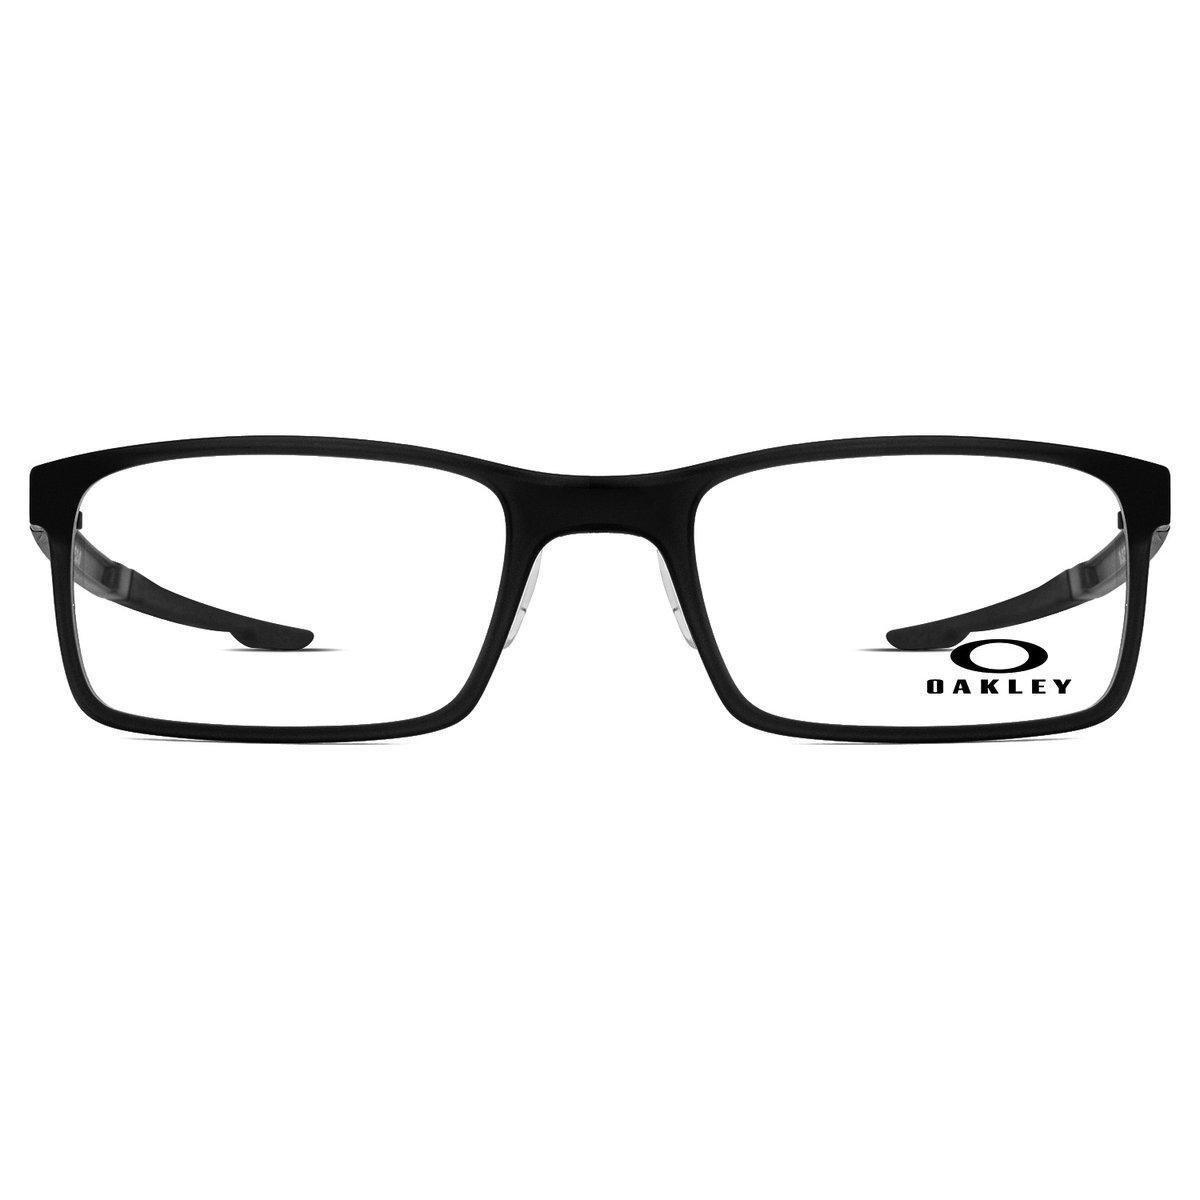 Armação Óculos de Grau Oakley Milestone 2.0 OX8047-01-52 - Compre ... a0103077cb